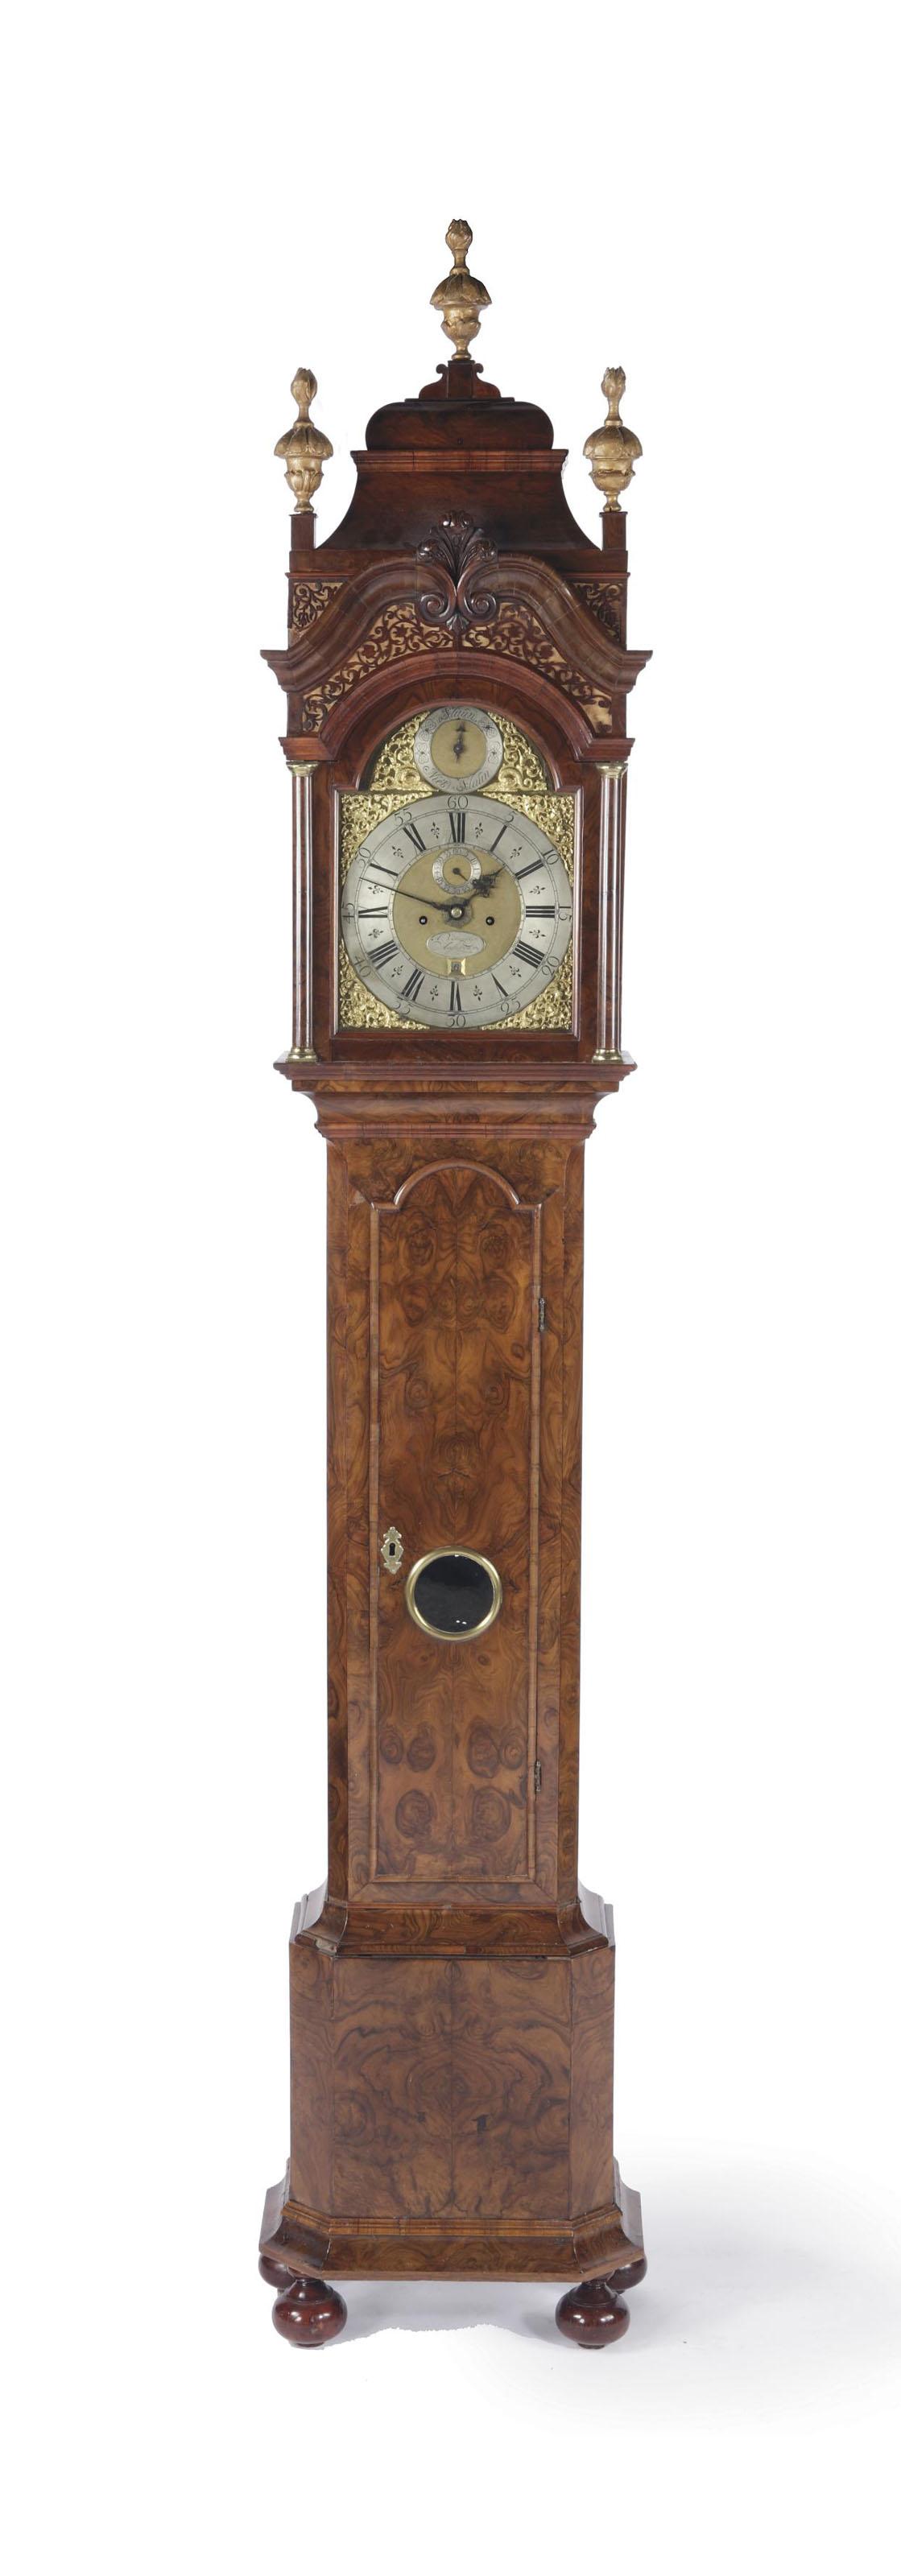 A Dutch burr-walnut and walnut longcase clock